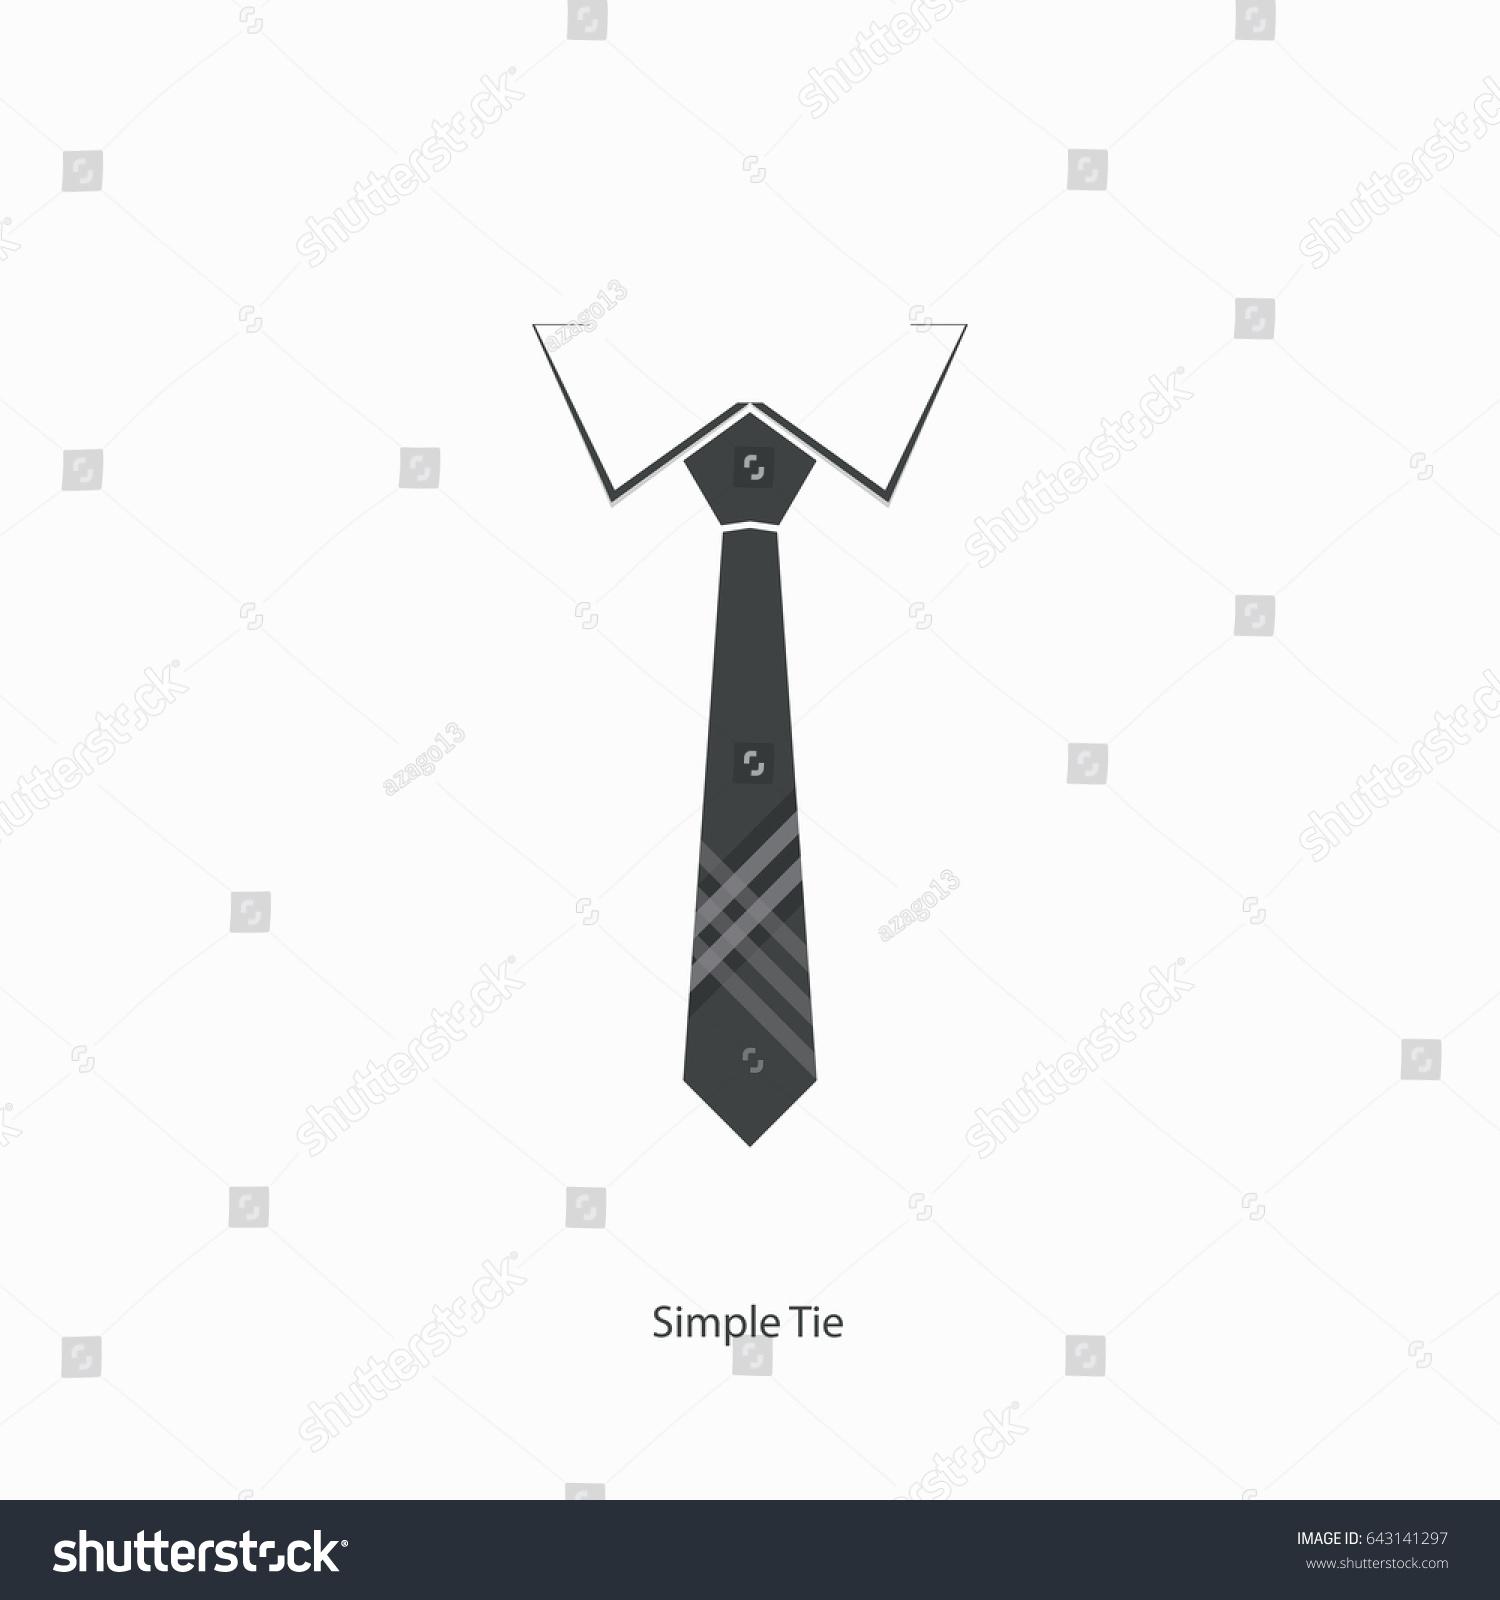 Tie icon necktie neck cloth symbol stock photo photo vector the tie icon necktie and neck cloth symbol business logo simple tie ccuart Gallery